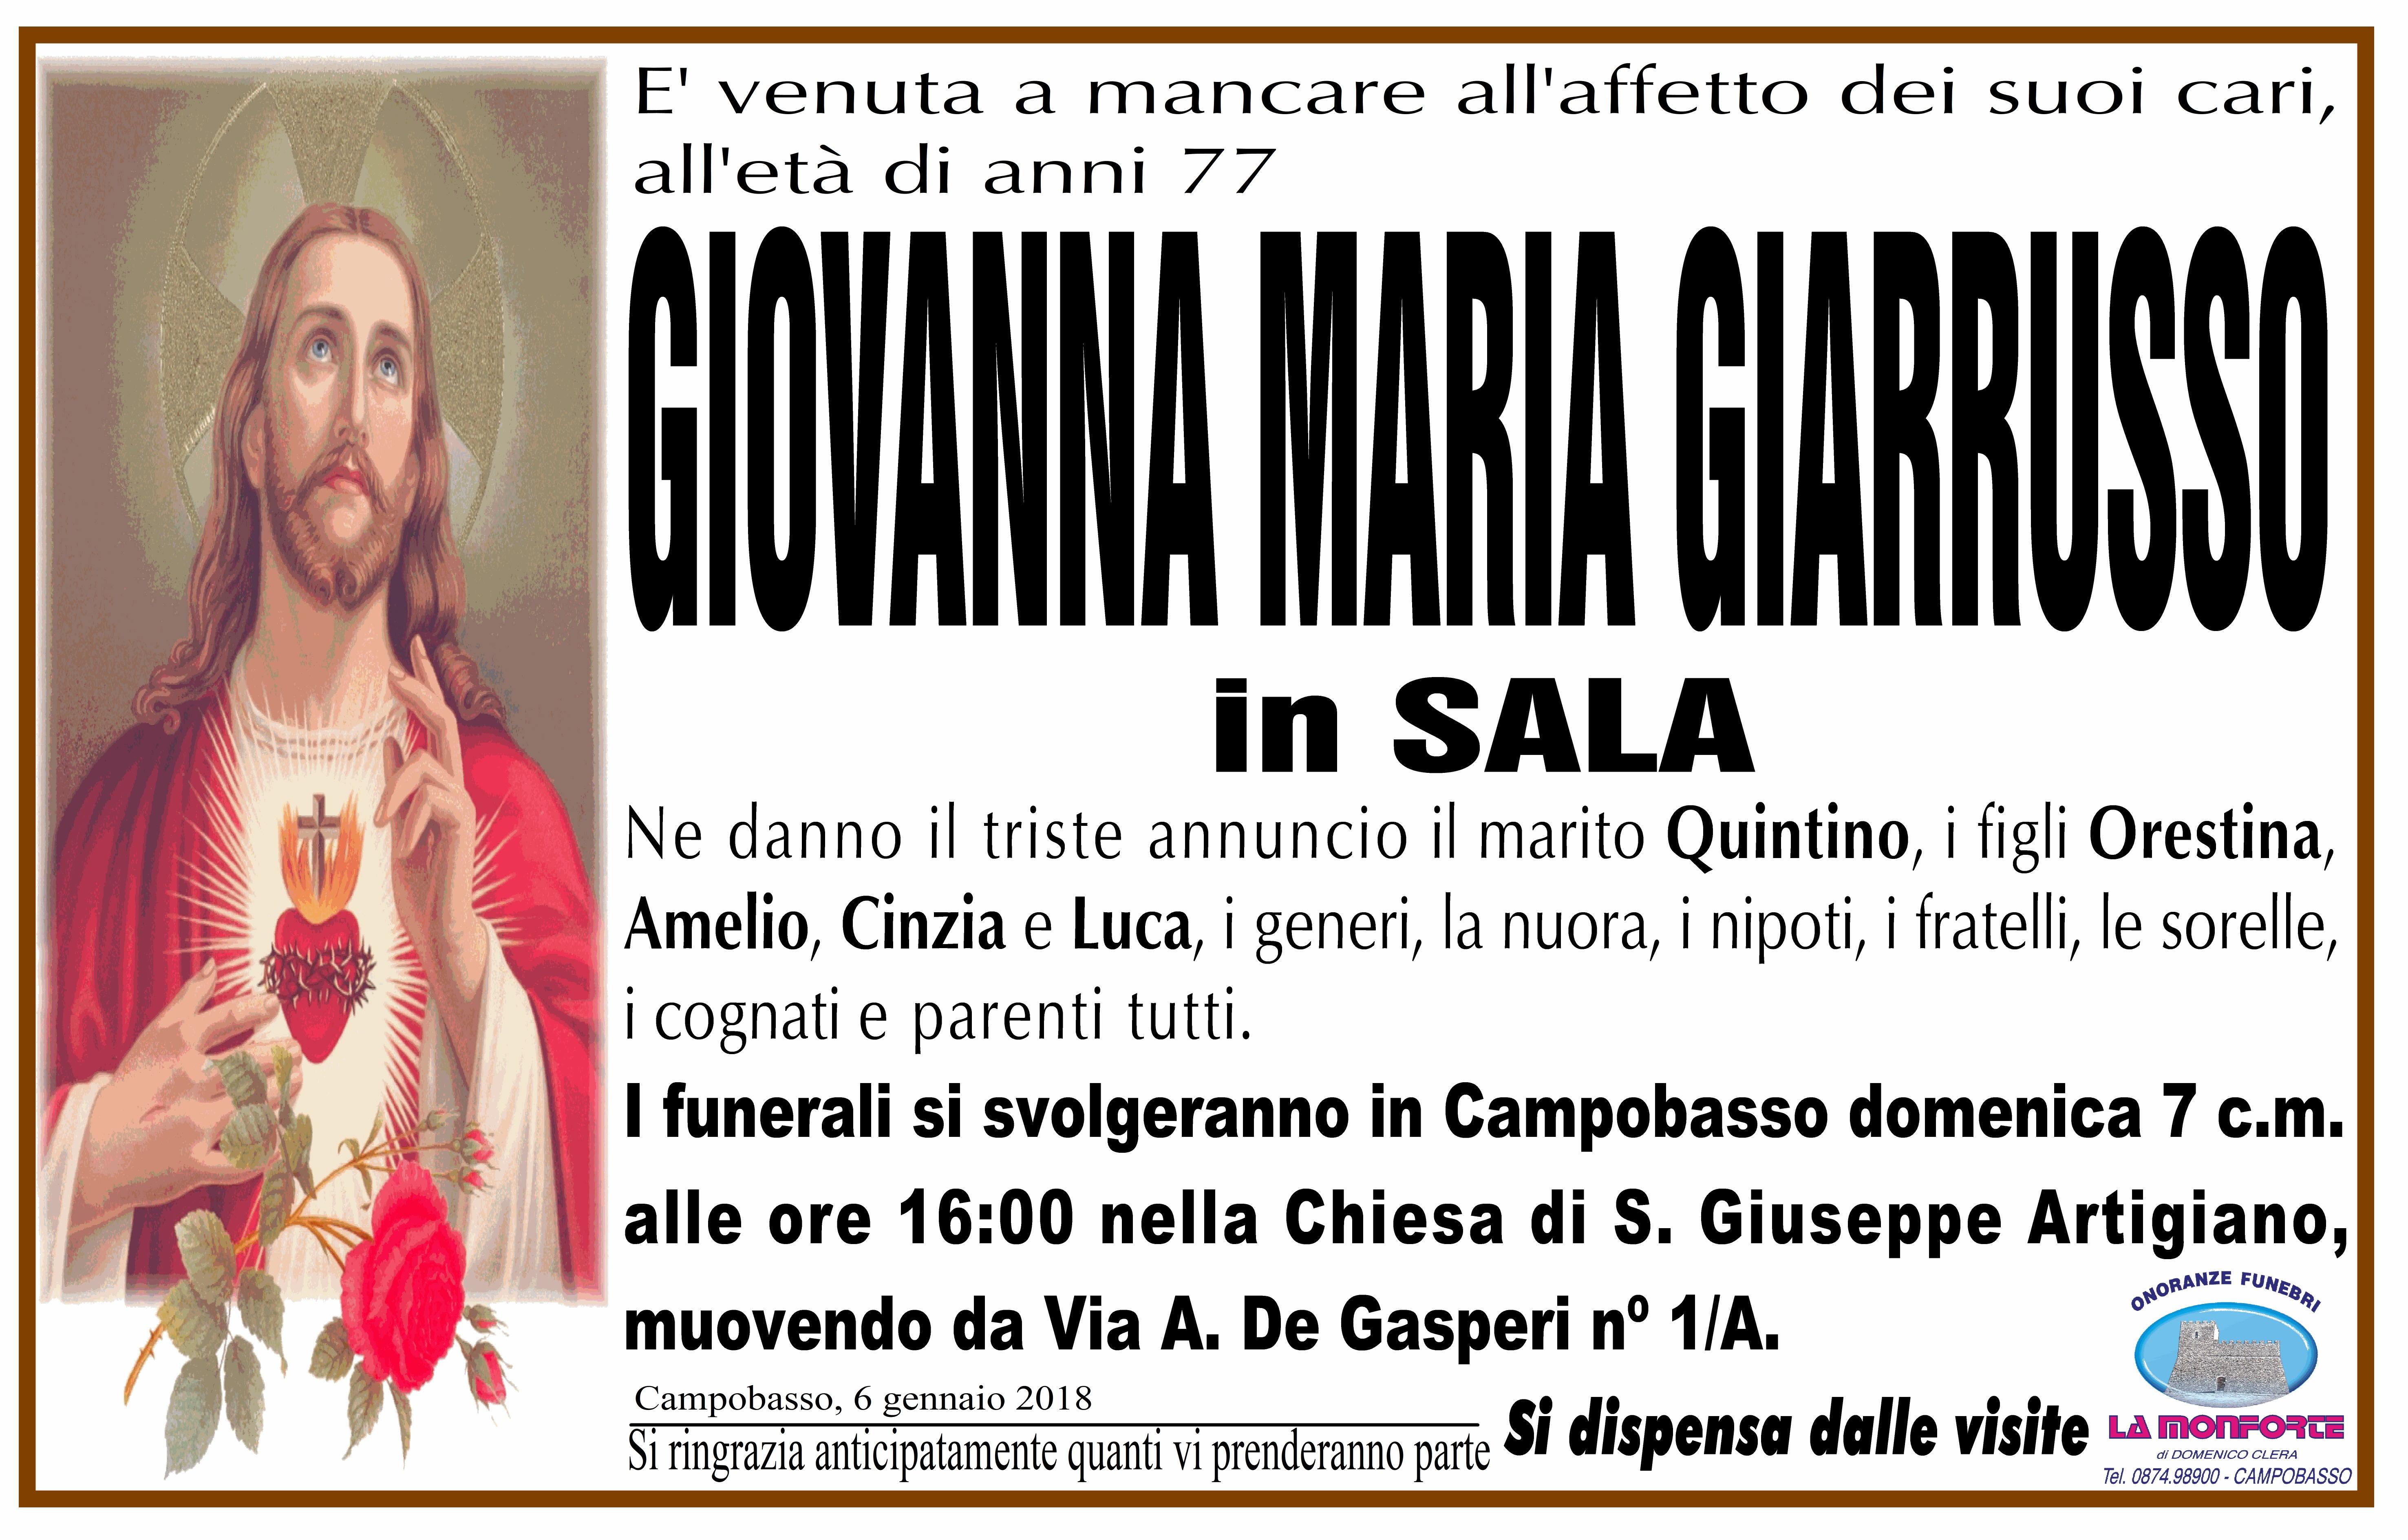 Giovanna Maria Giarrusso, 6/12/2018, Campobasso – Onoranze Funebri La Monforte